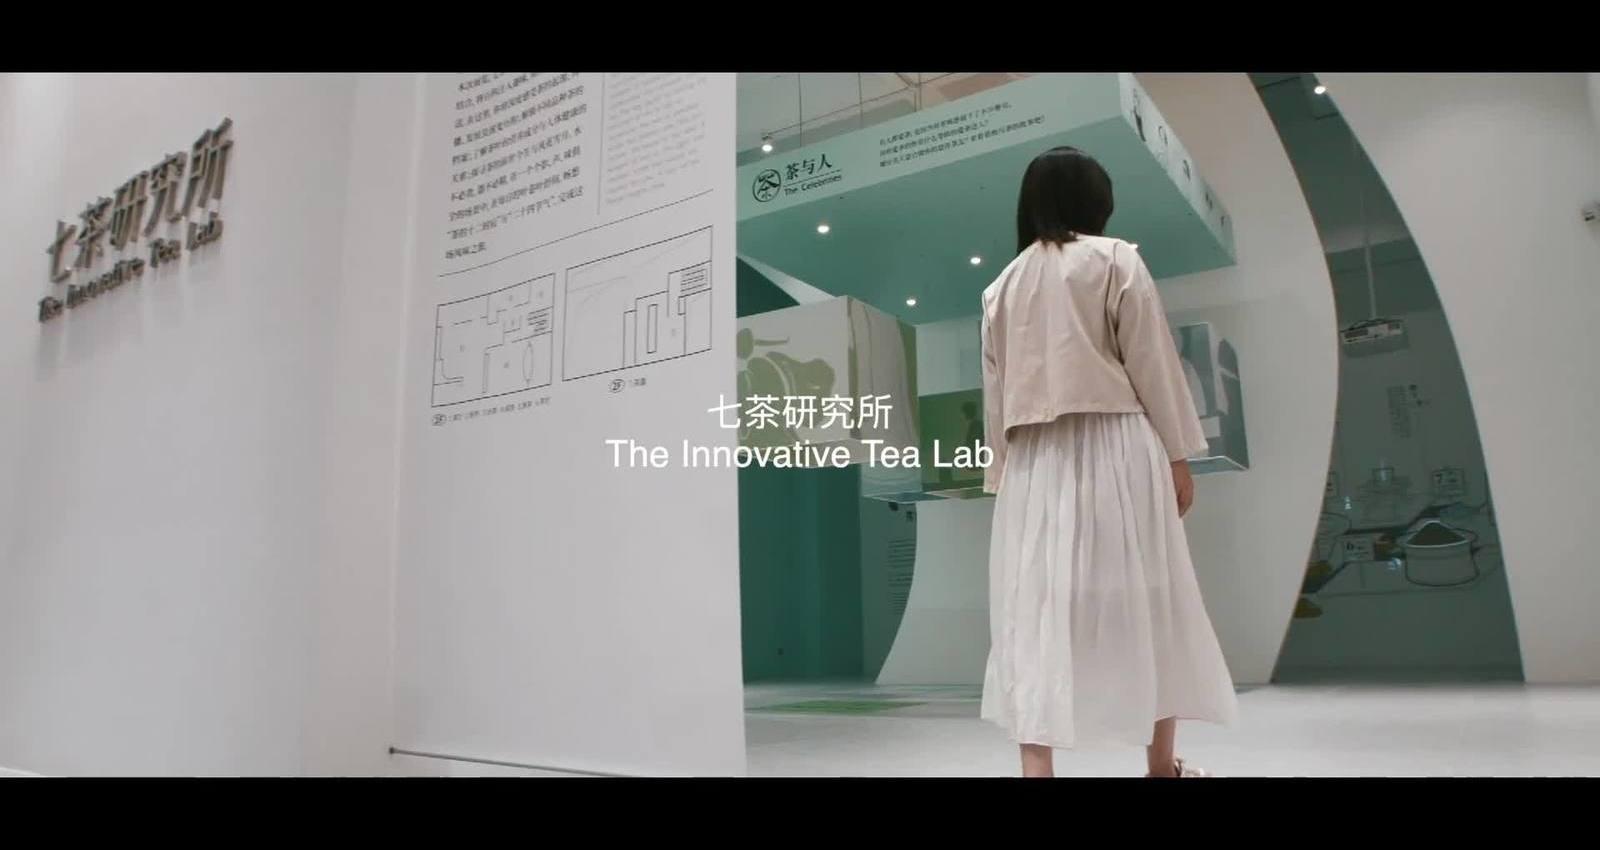 The Innovative Tea Lab